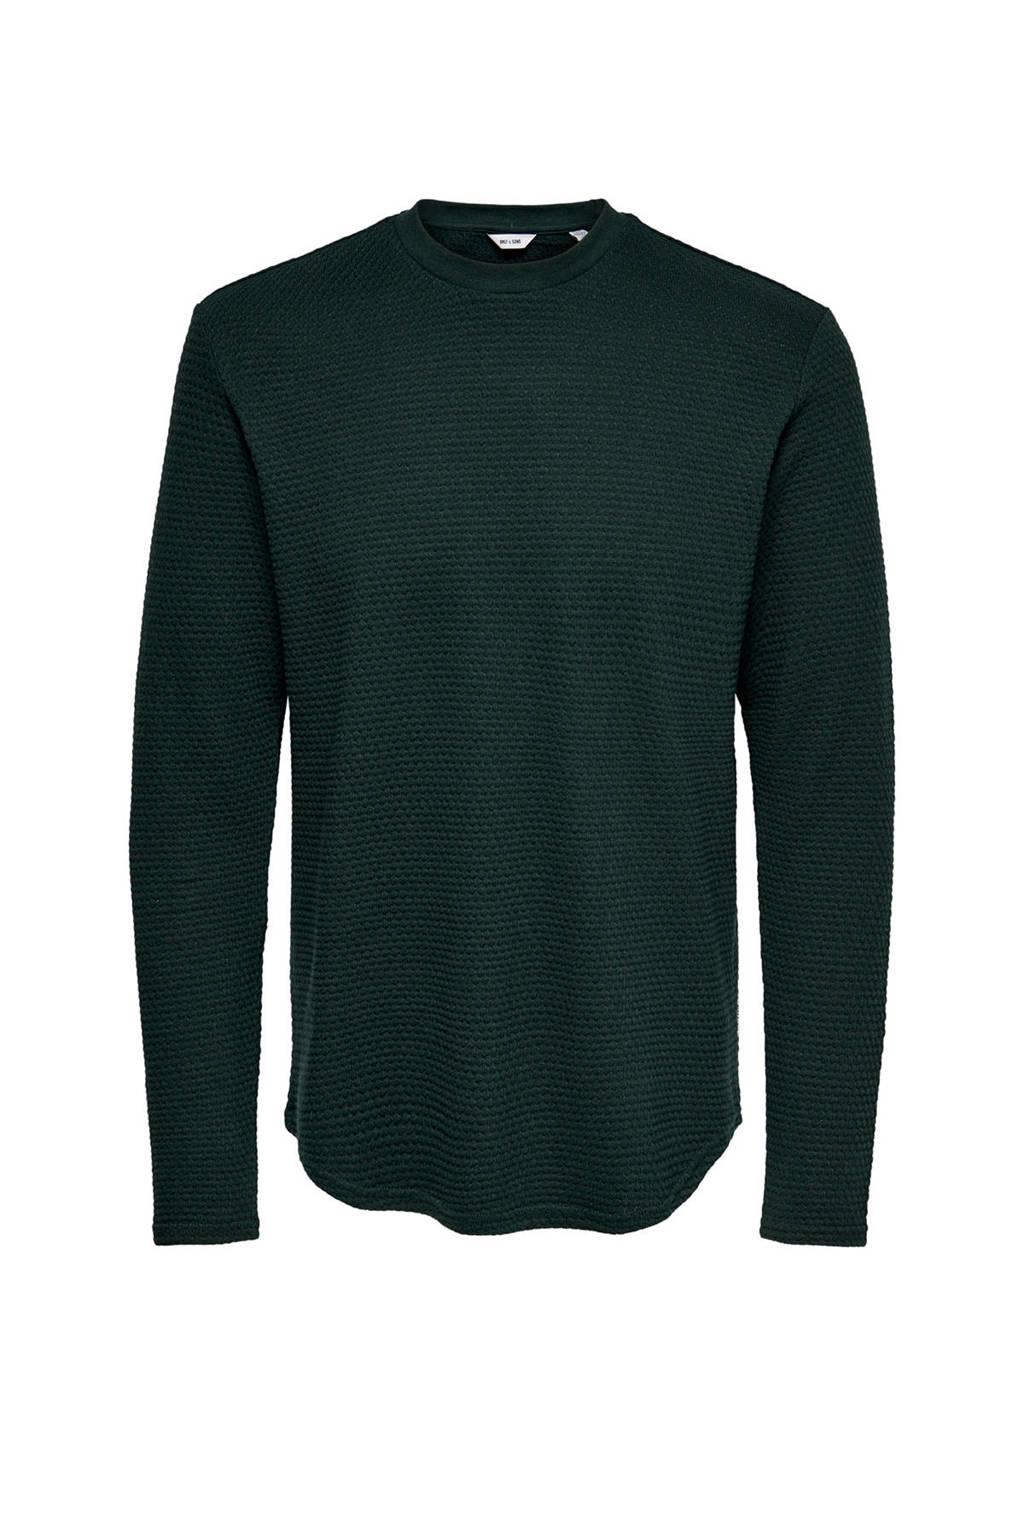 ONLY & SONS sweater van biologisch katoen donkergroen, Donkergroen